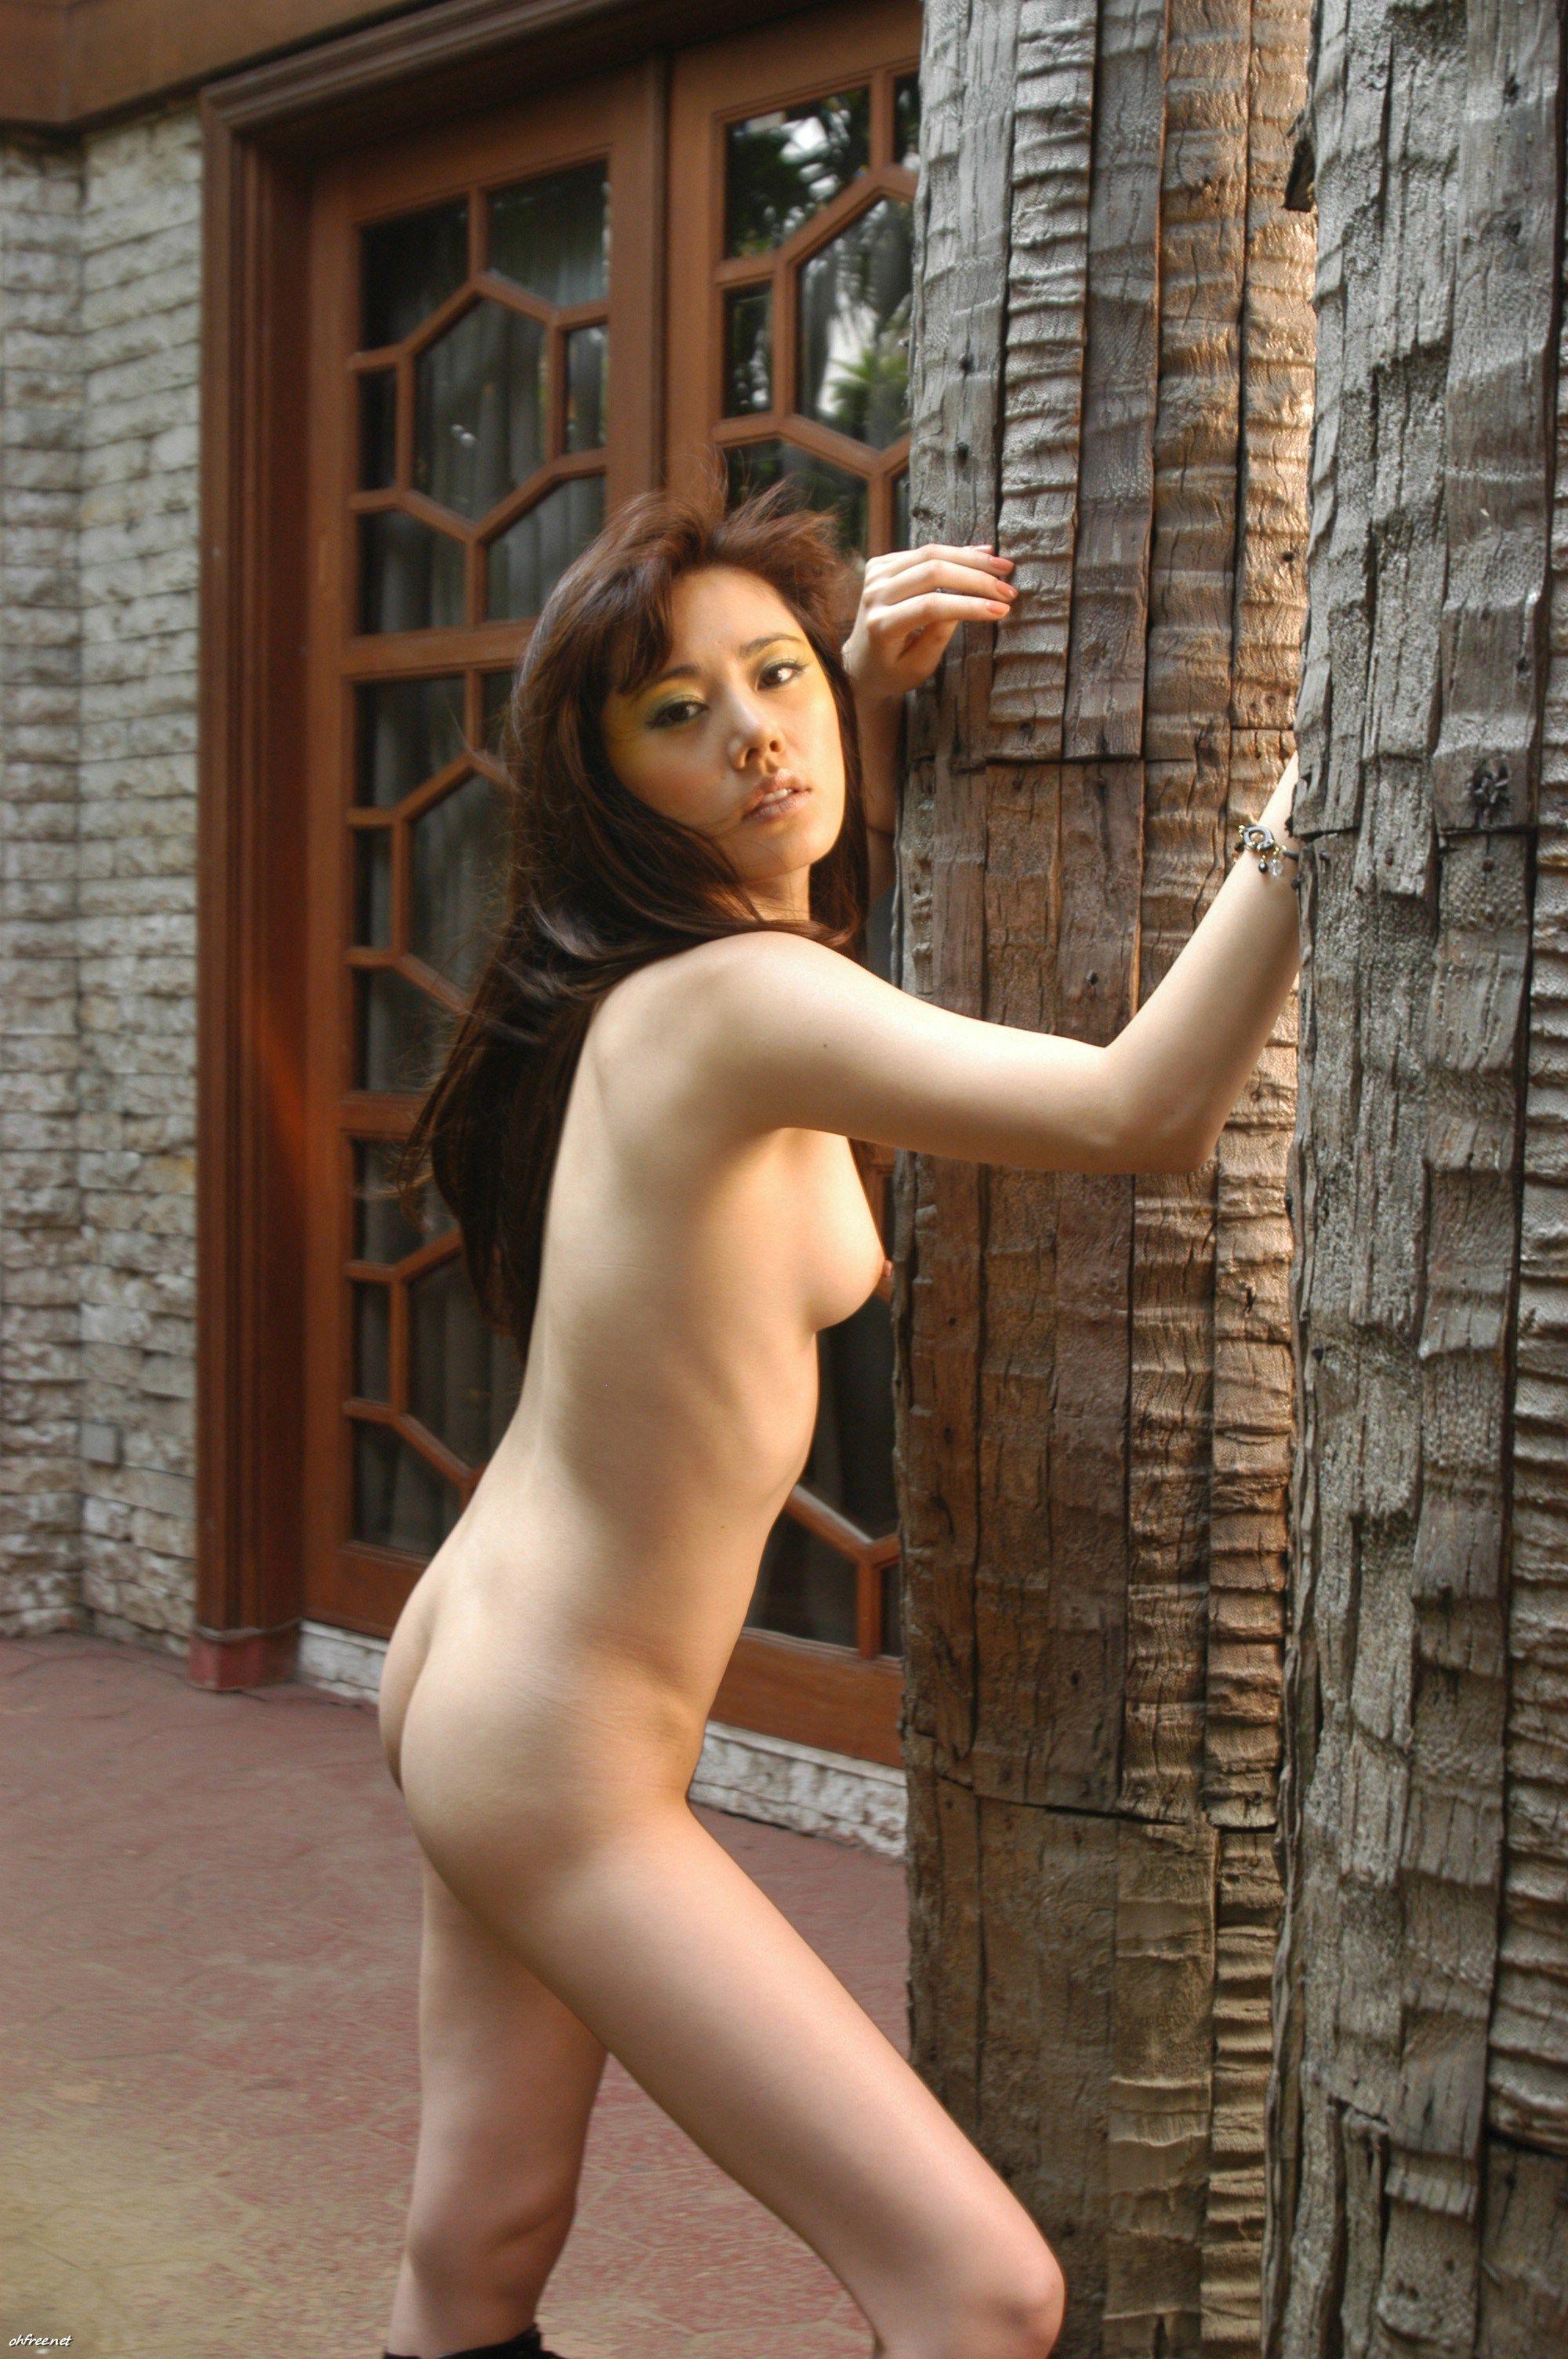 choo ja hyun leaked nude photos www.ohfree 042 | 欧珀